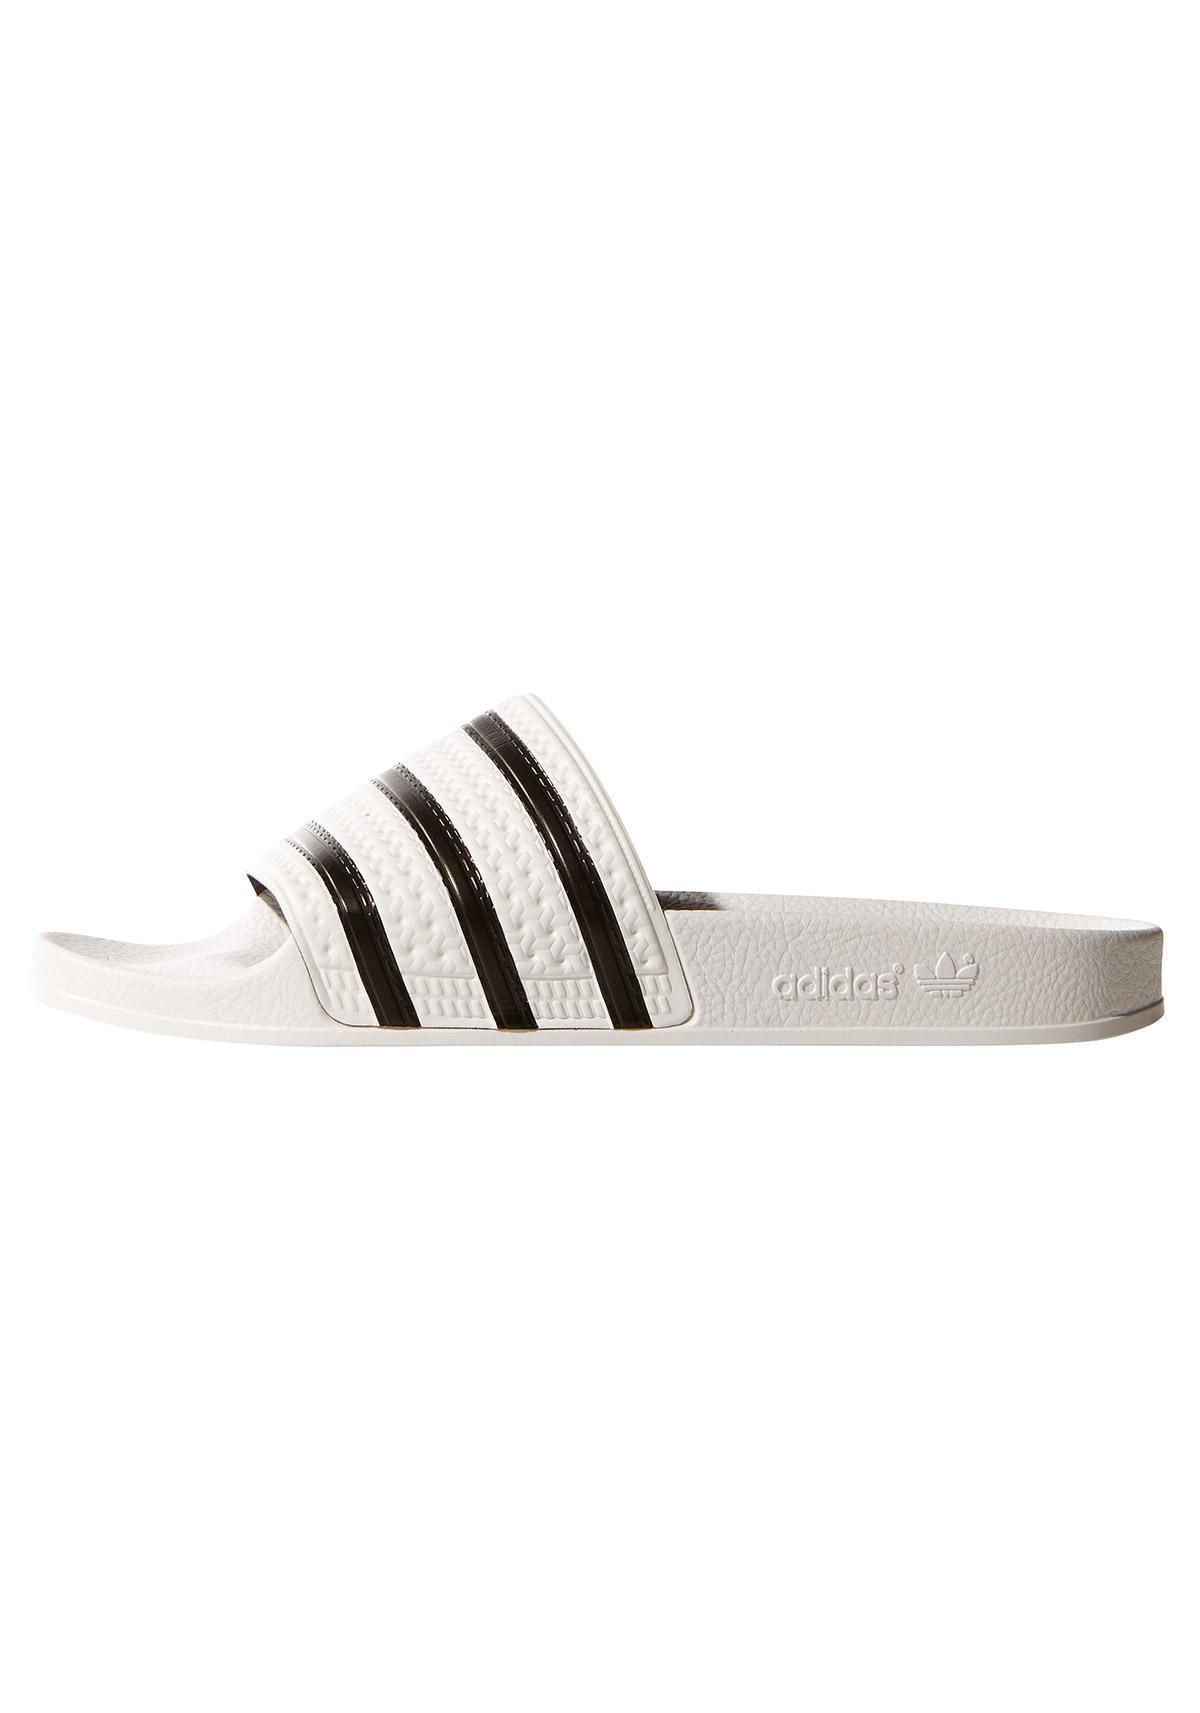 Adidas Adilette Größe38 Adilette Sandale Sandale Sandale Größe38 Adidas FarbeWeiss FarbeWeiss yvmn0wON8